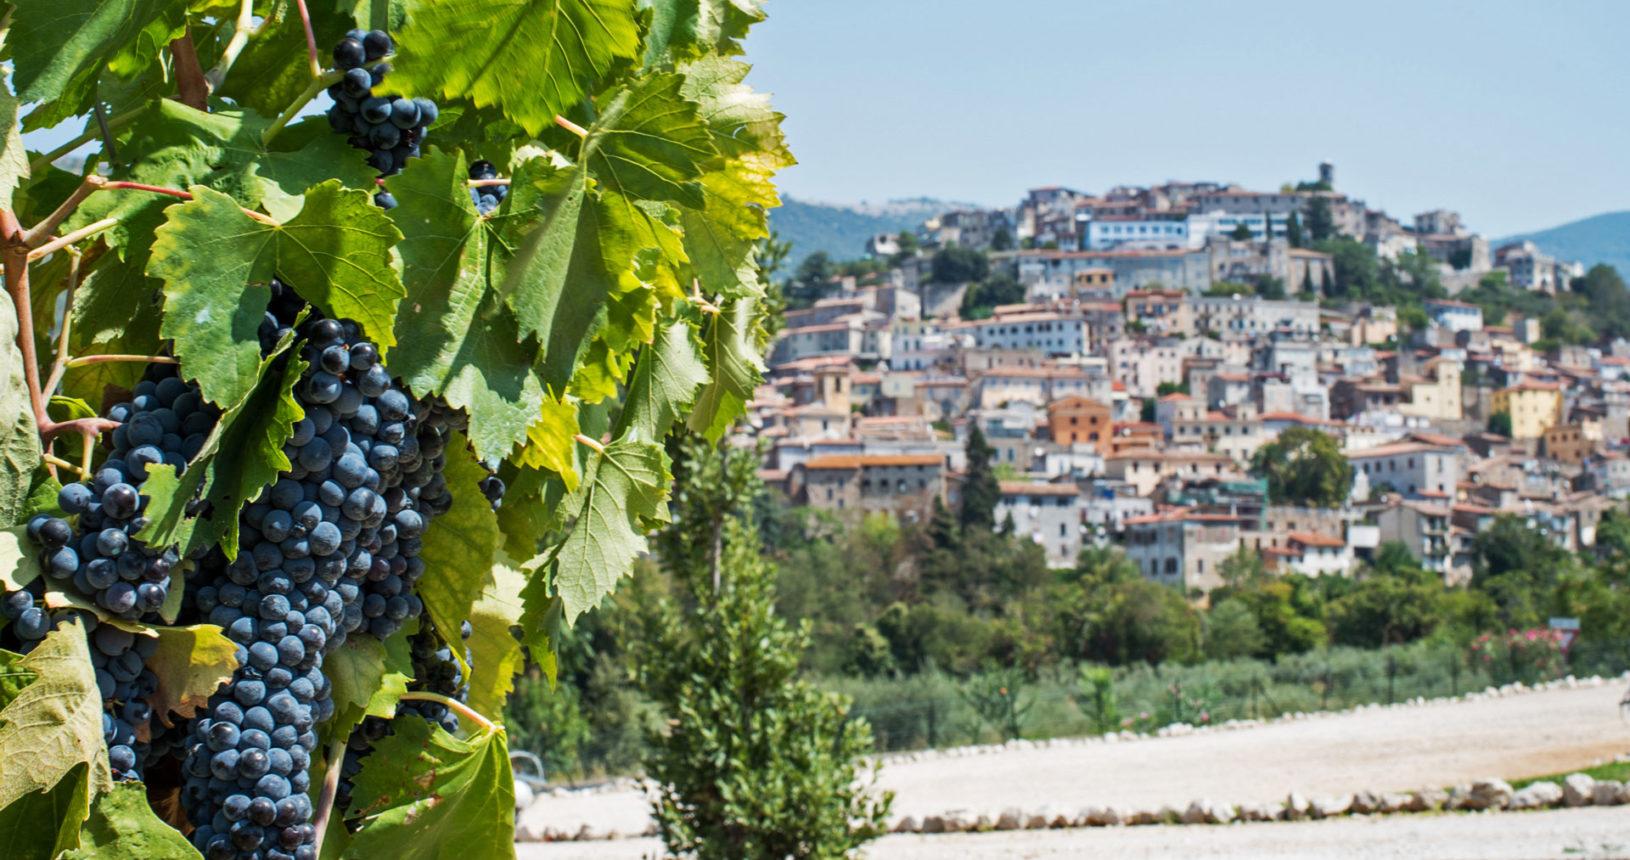 Cori, borgo medievale del Lazio, visto da uno scorcio con vigna della cantina Cincinnato